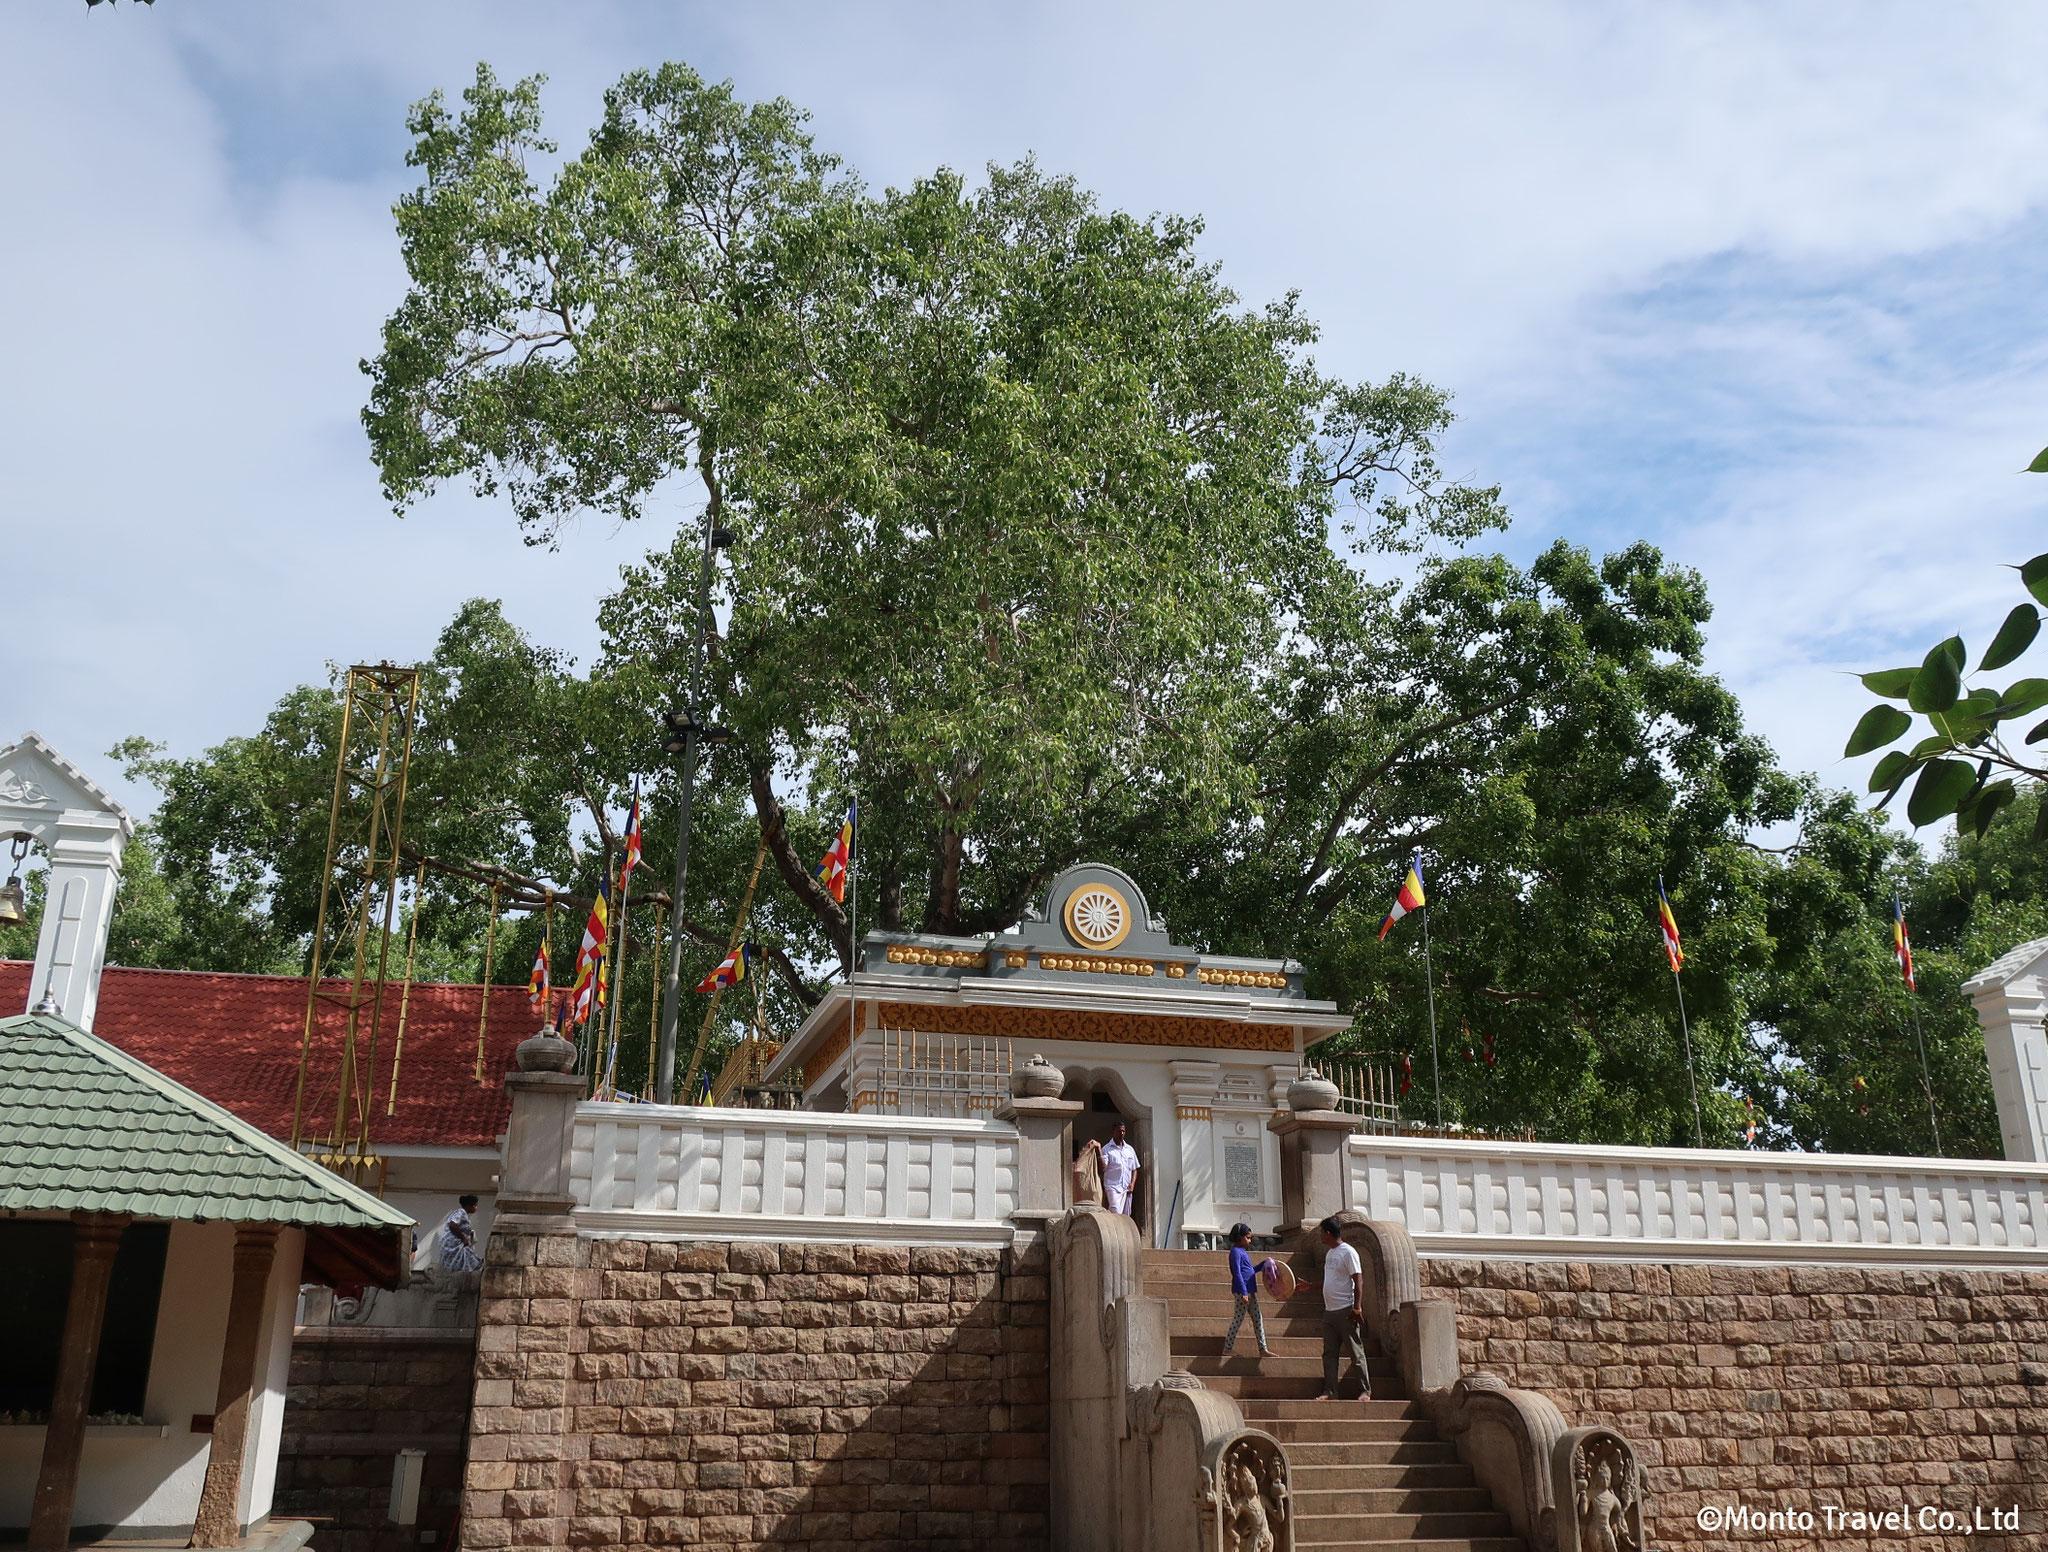 シュリー・マハー菩提樹